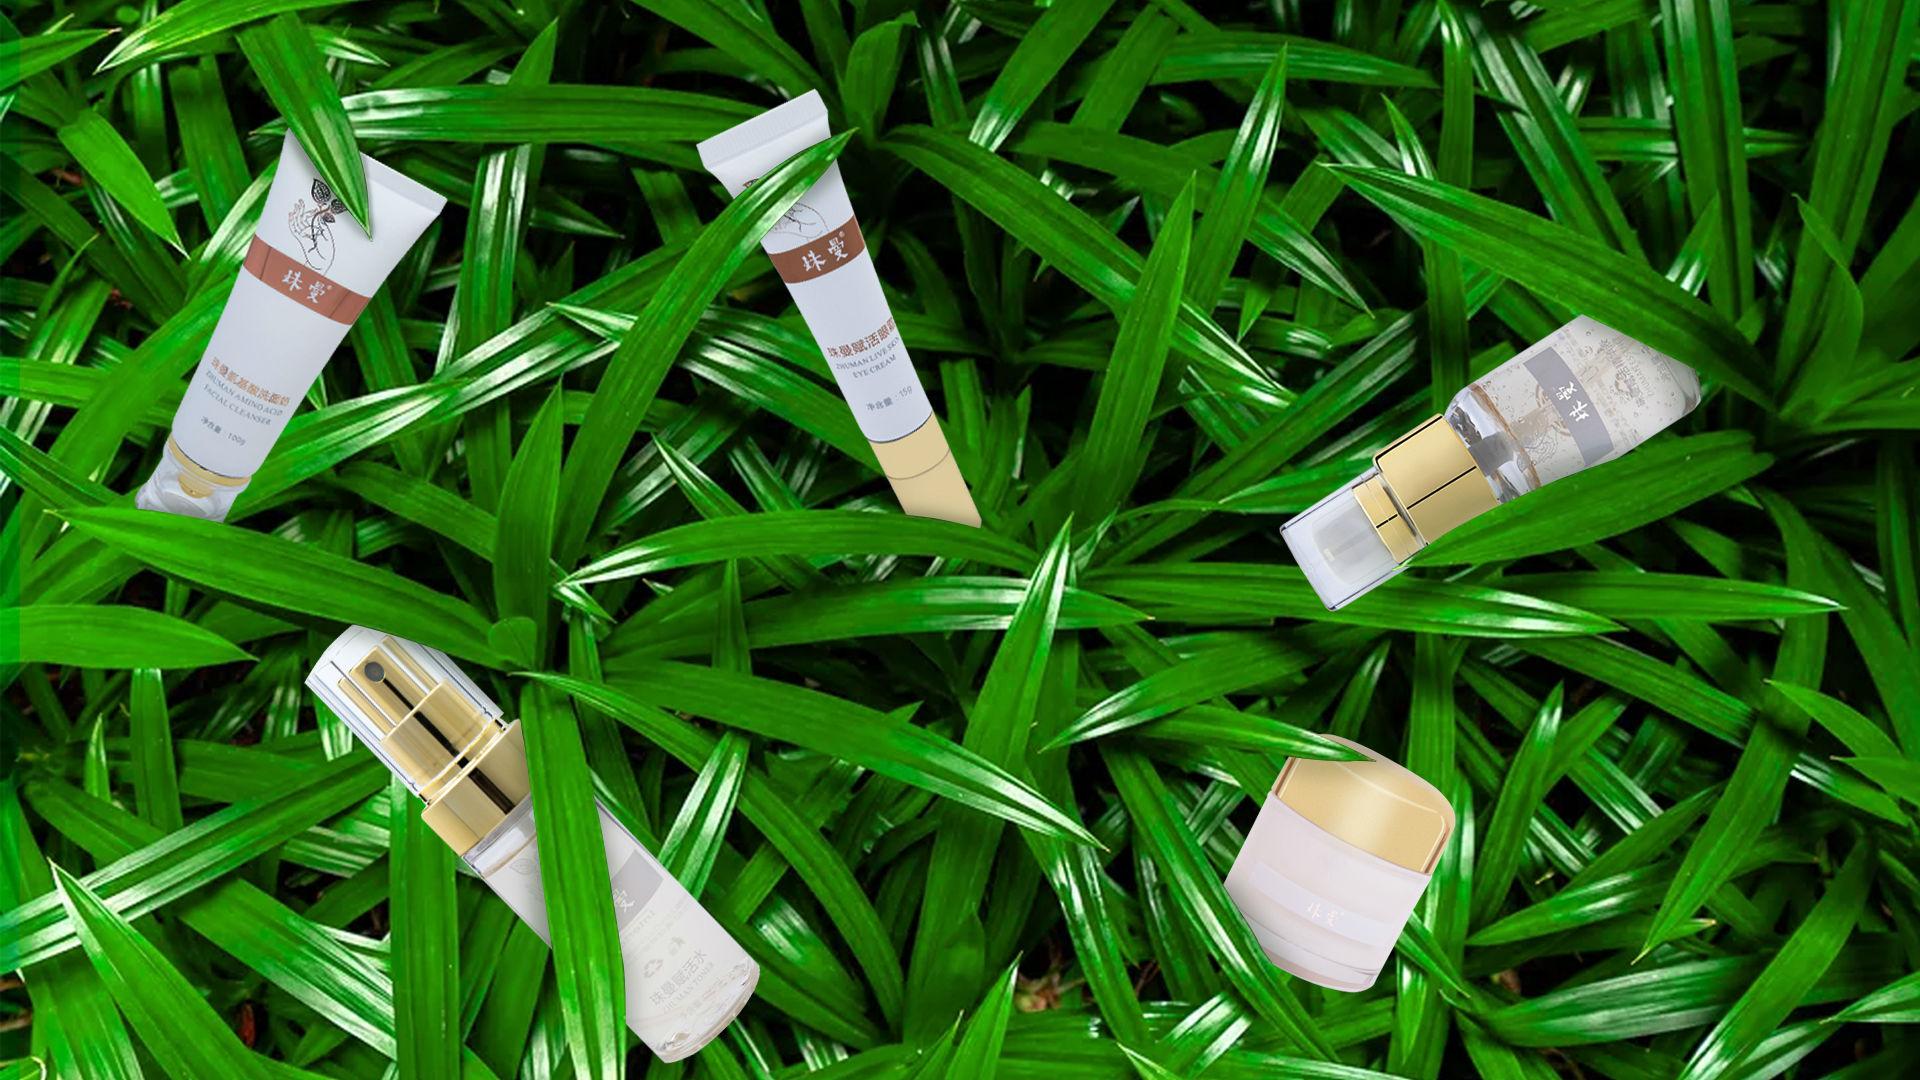 围绕皮肤角质层,应当如何进行补水保湿护肤?